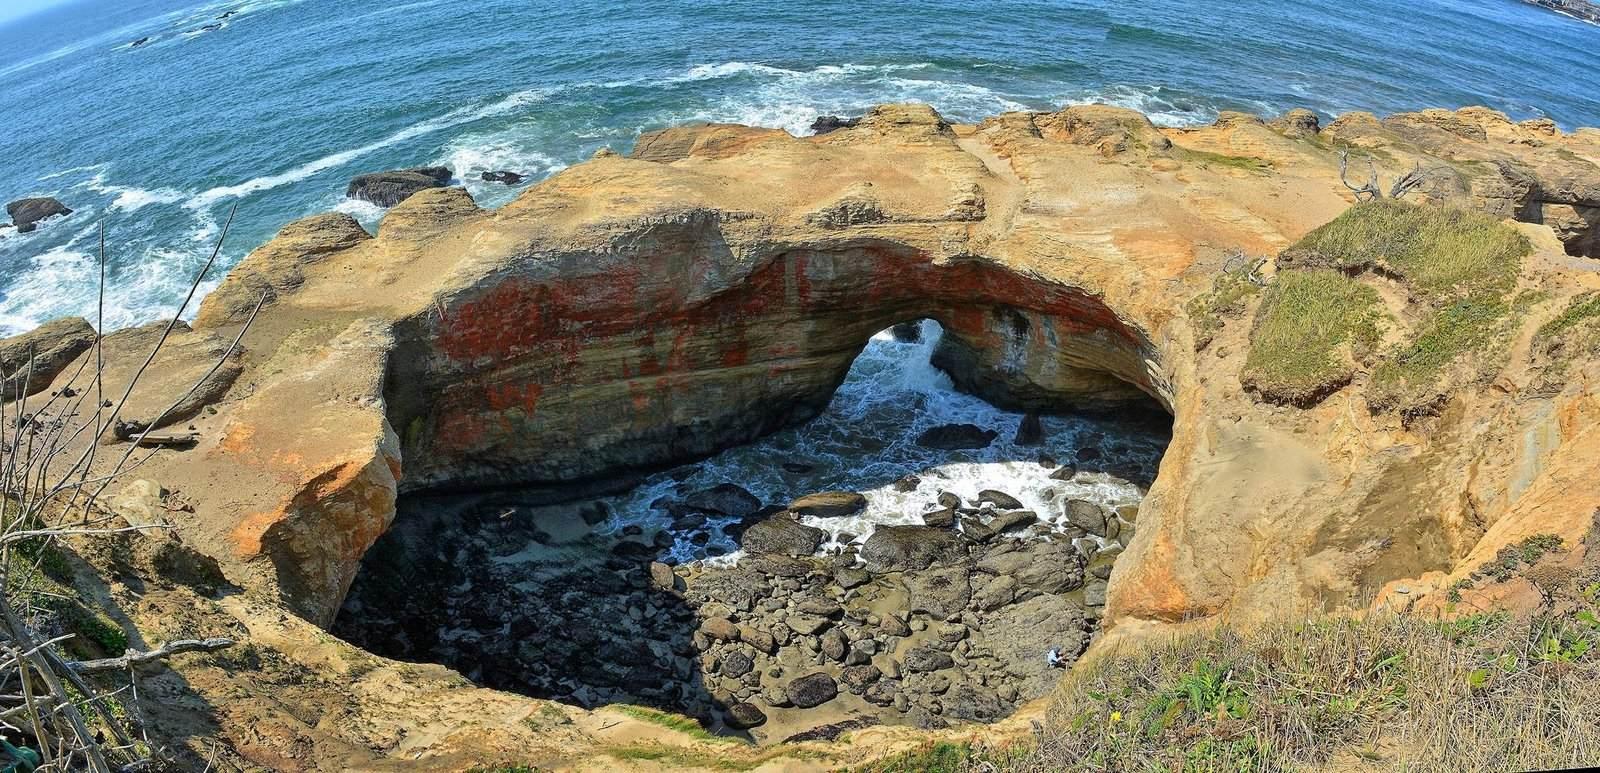 oregon coast1 Day at Oregon Coast